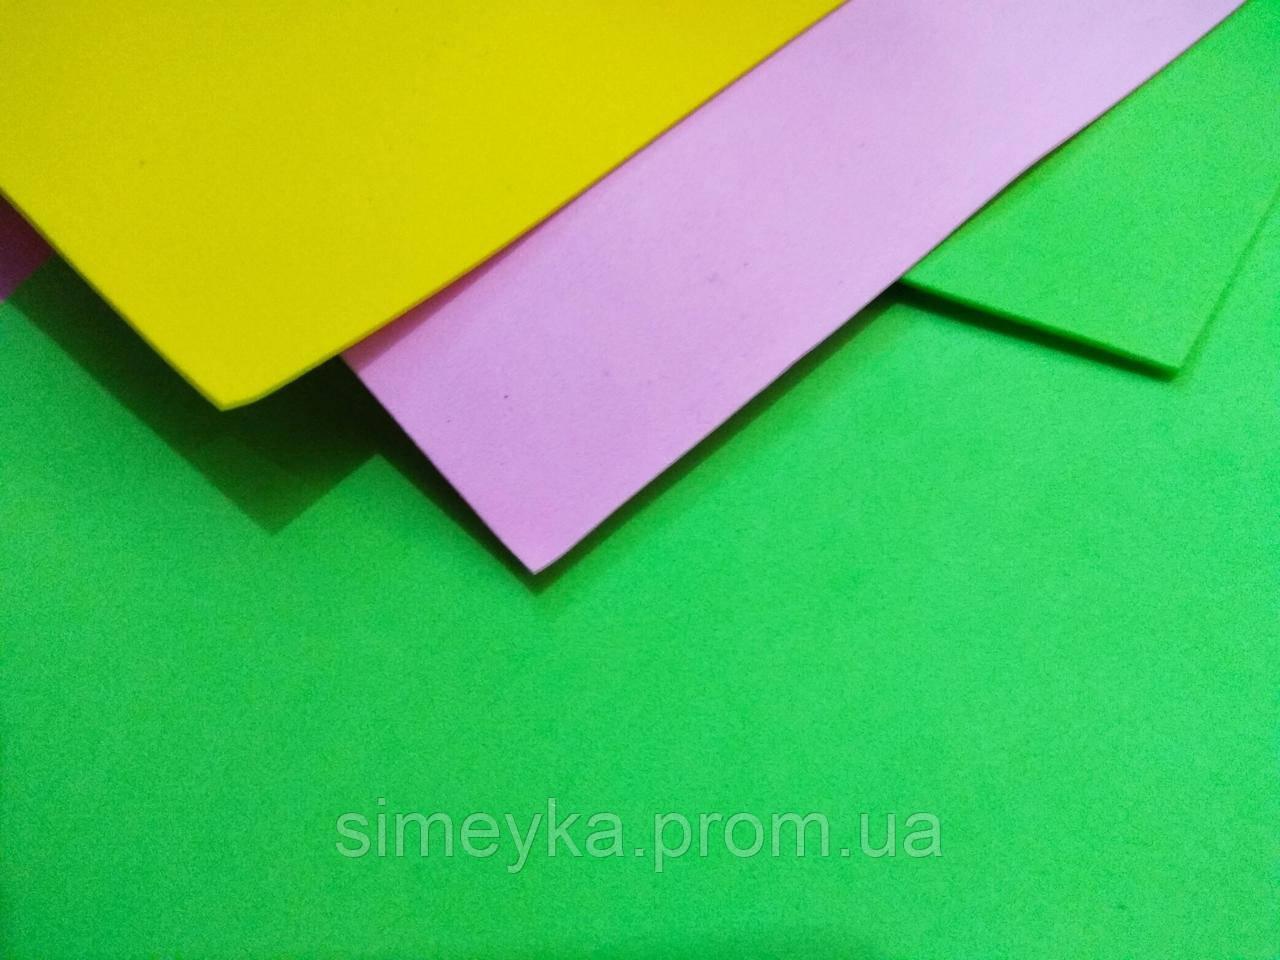 Фоамиран листовой, упаковка 3 листа 60*40 см разного цвета, толщина 1 мм